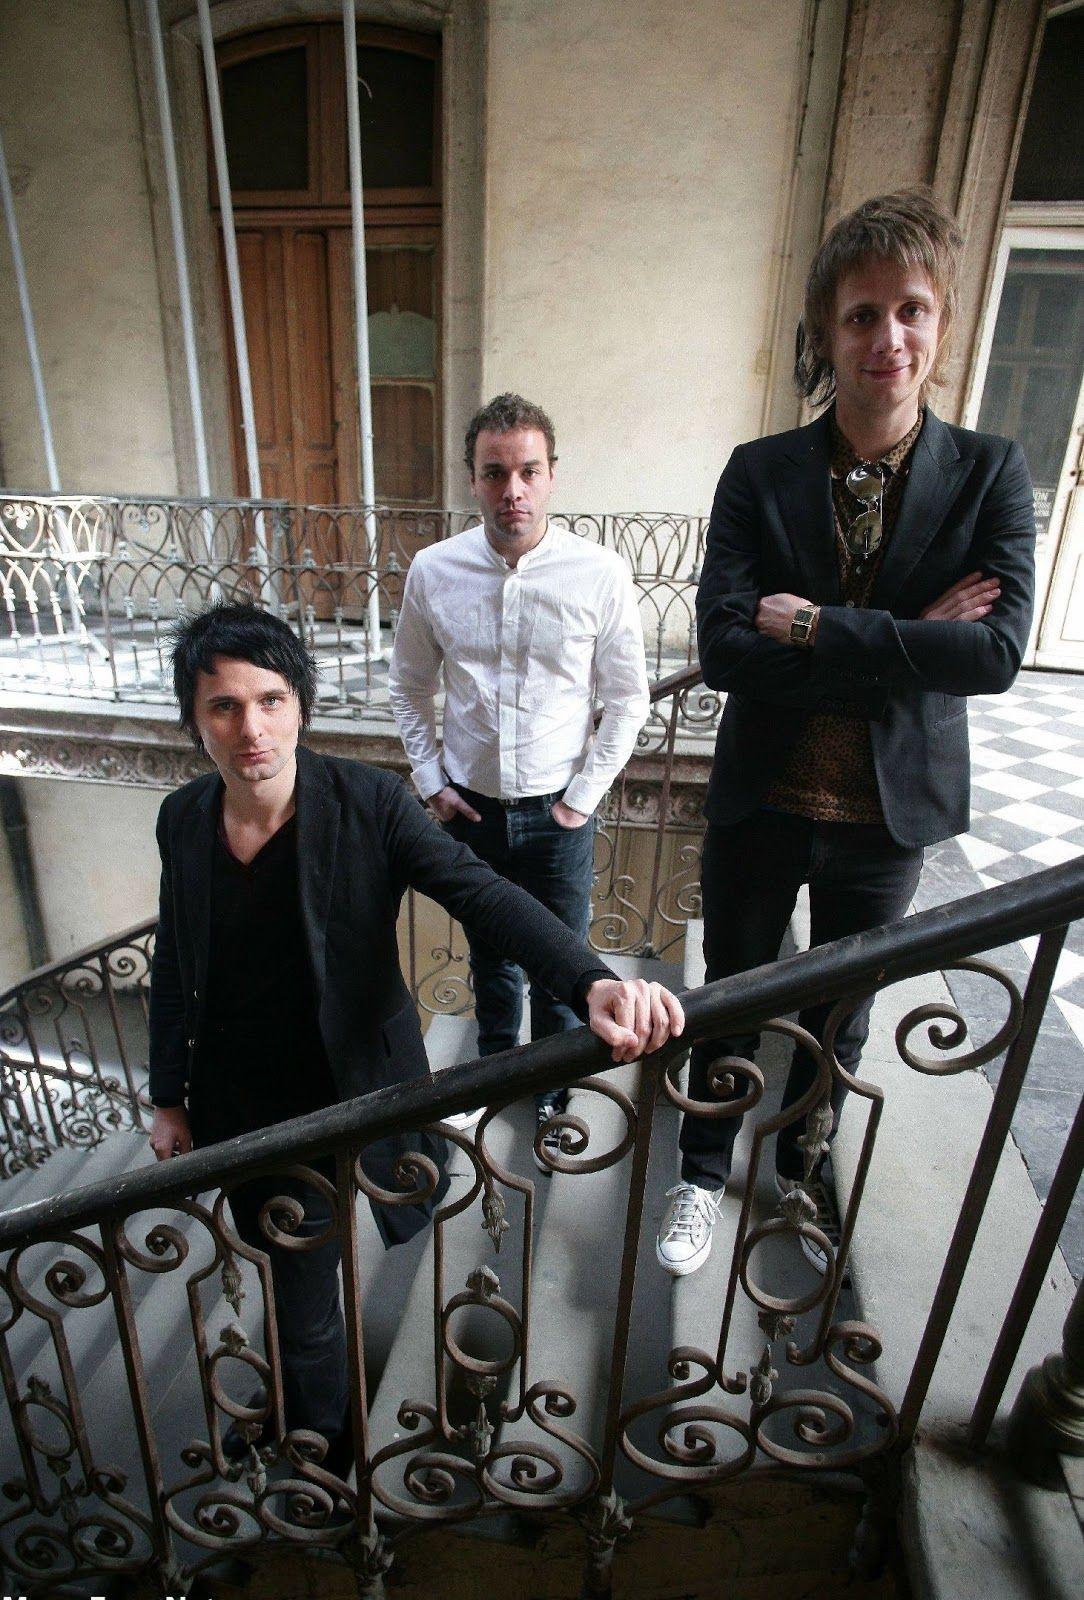 Matt, estás bajito, y todavía te pones abajo xD♡